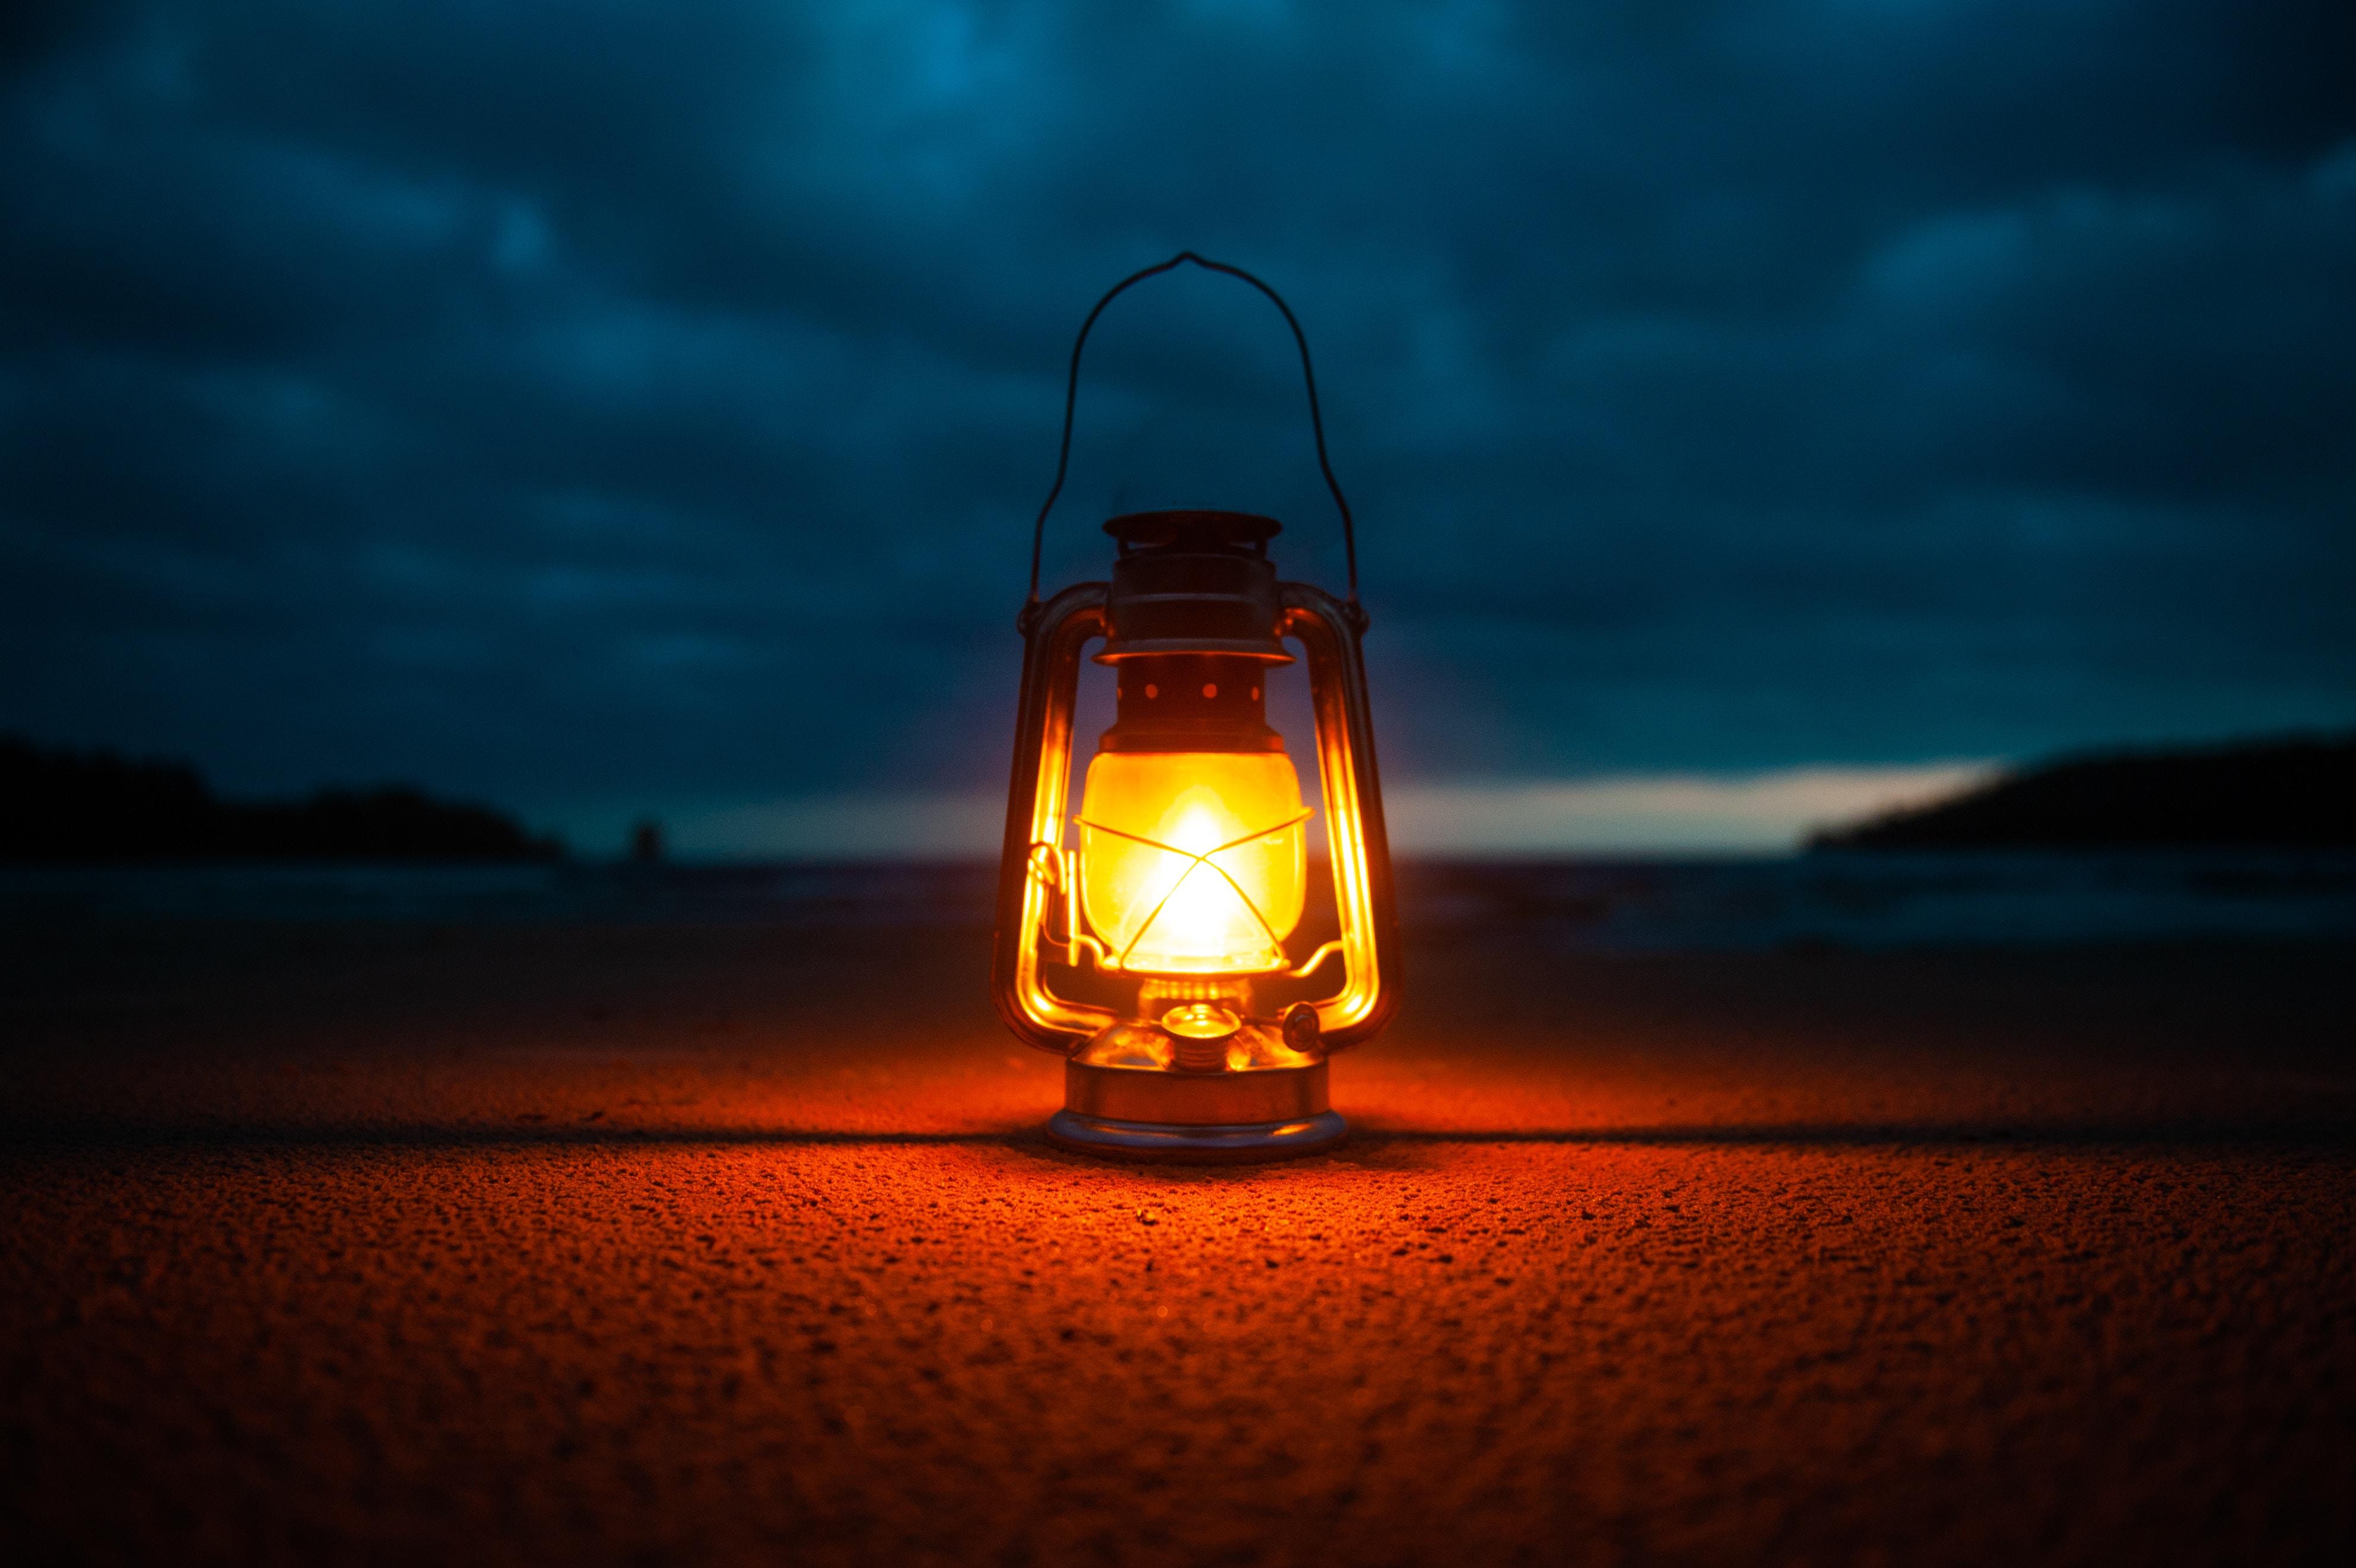 99143 免費下載壁紙 杂项, 灯, 灯泡, 灯具, 闪耀, 光, 明亮的, 明亮, 阴影, 金属, 优质的, 复古 屏保和圖片